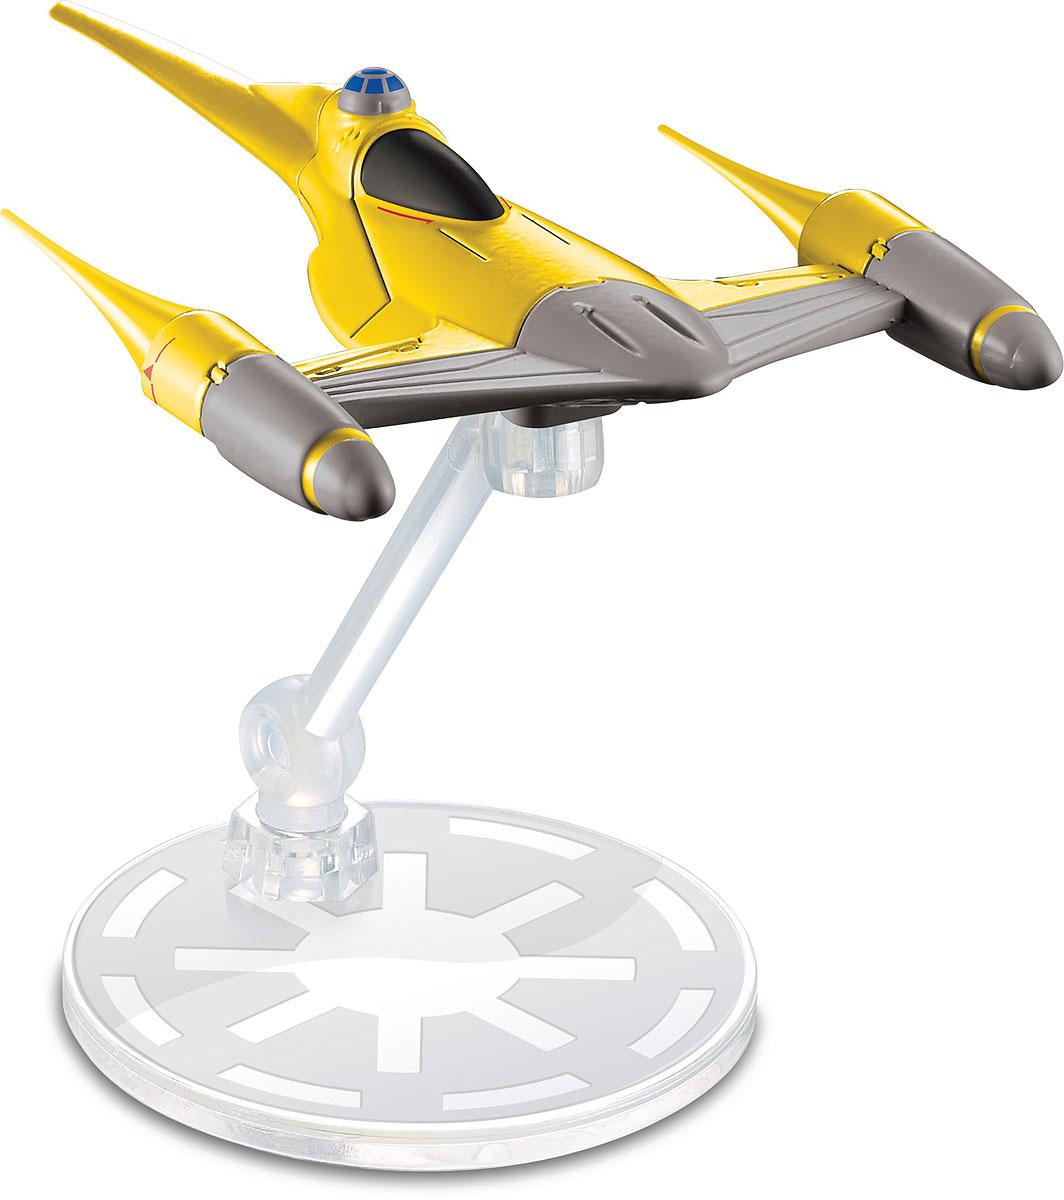 Hot Wheels Star Wars Космический корабль Naboo Starfighter